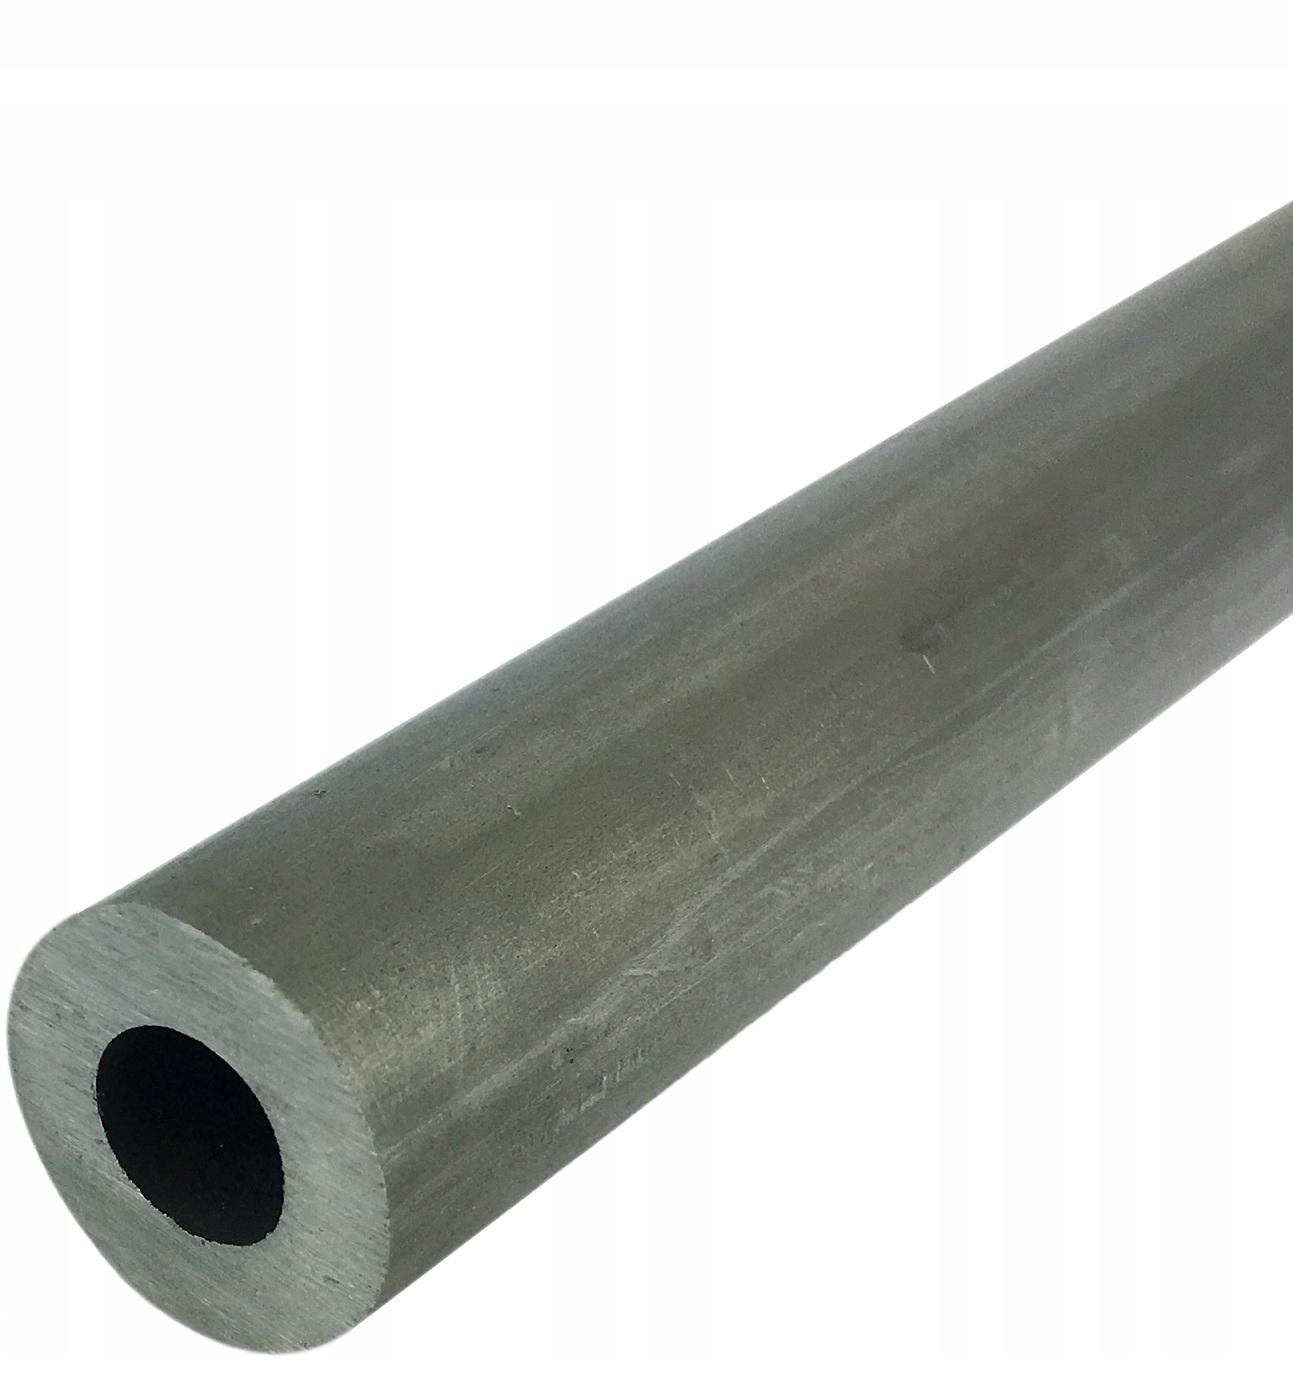 Rura stalowa precyzyjna b/sz 25x4 długość 1500mm